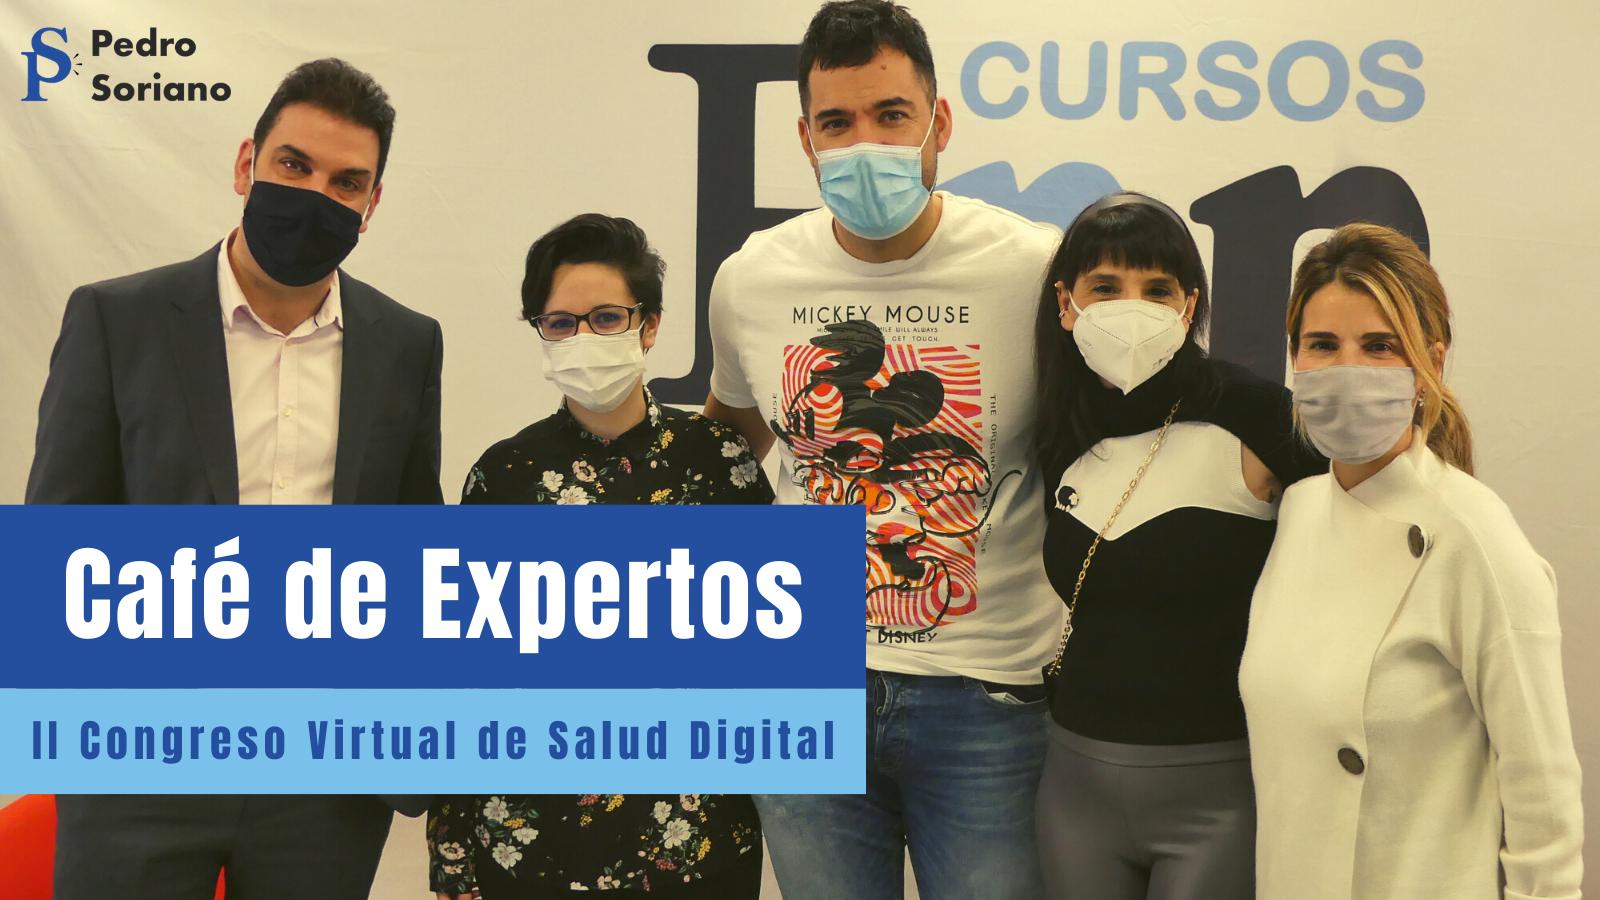 Cafe De Expertos En El Ii Congreso Virtual De Salud Digital Pedro Soriano